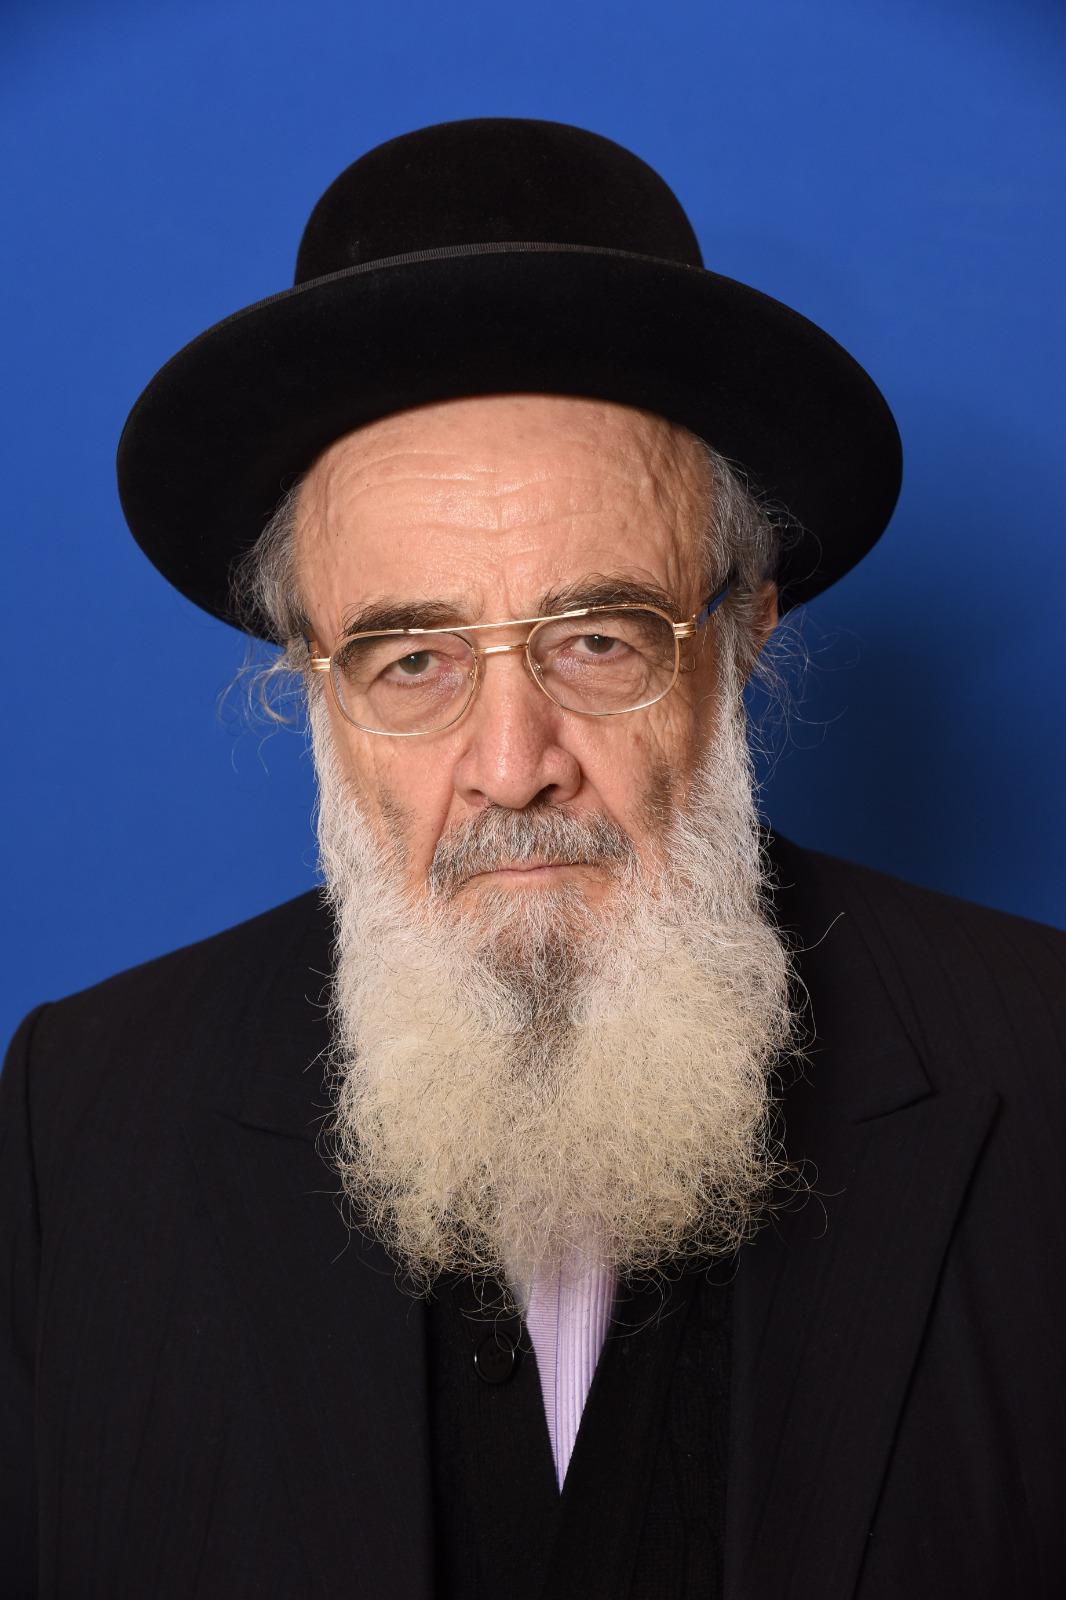 נפלה עטרת ראשינו הרב פנחס הכהן רבין זצוק''ל